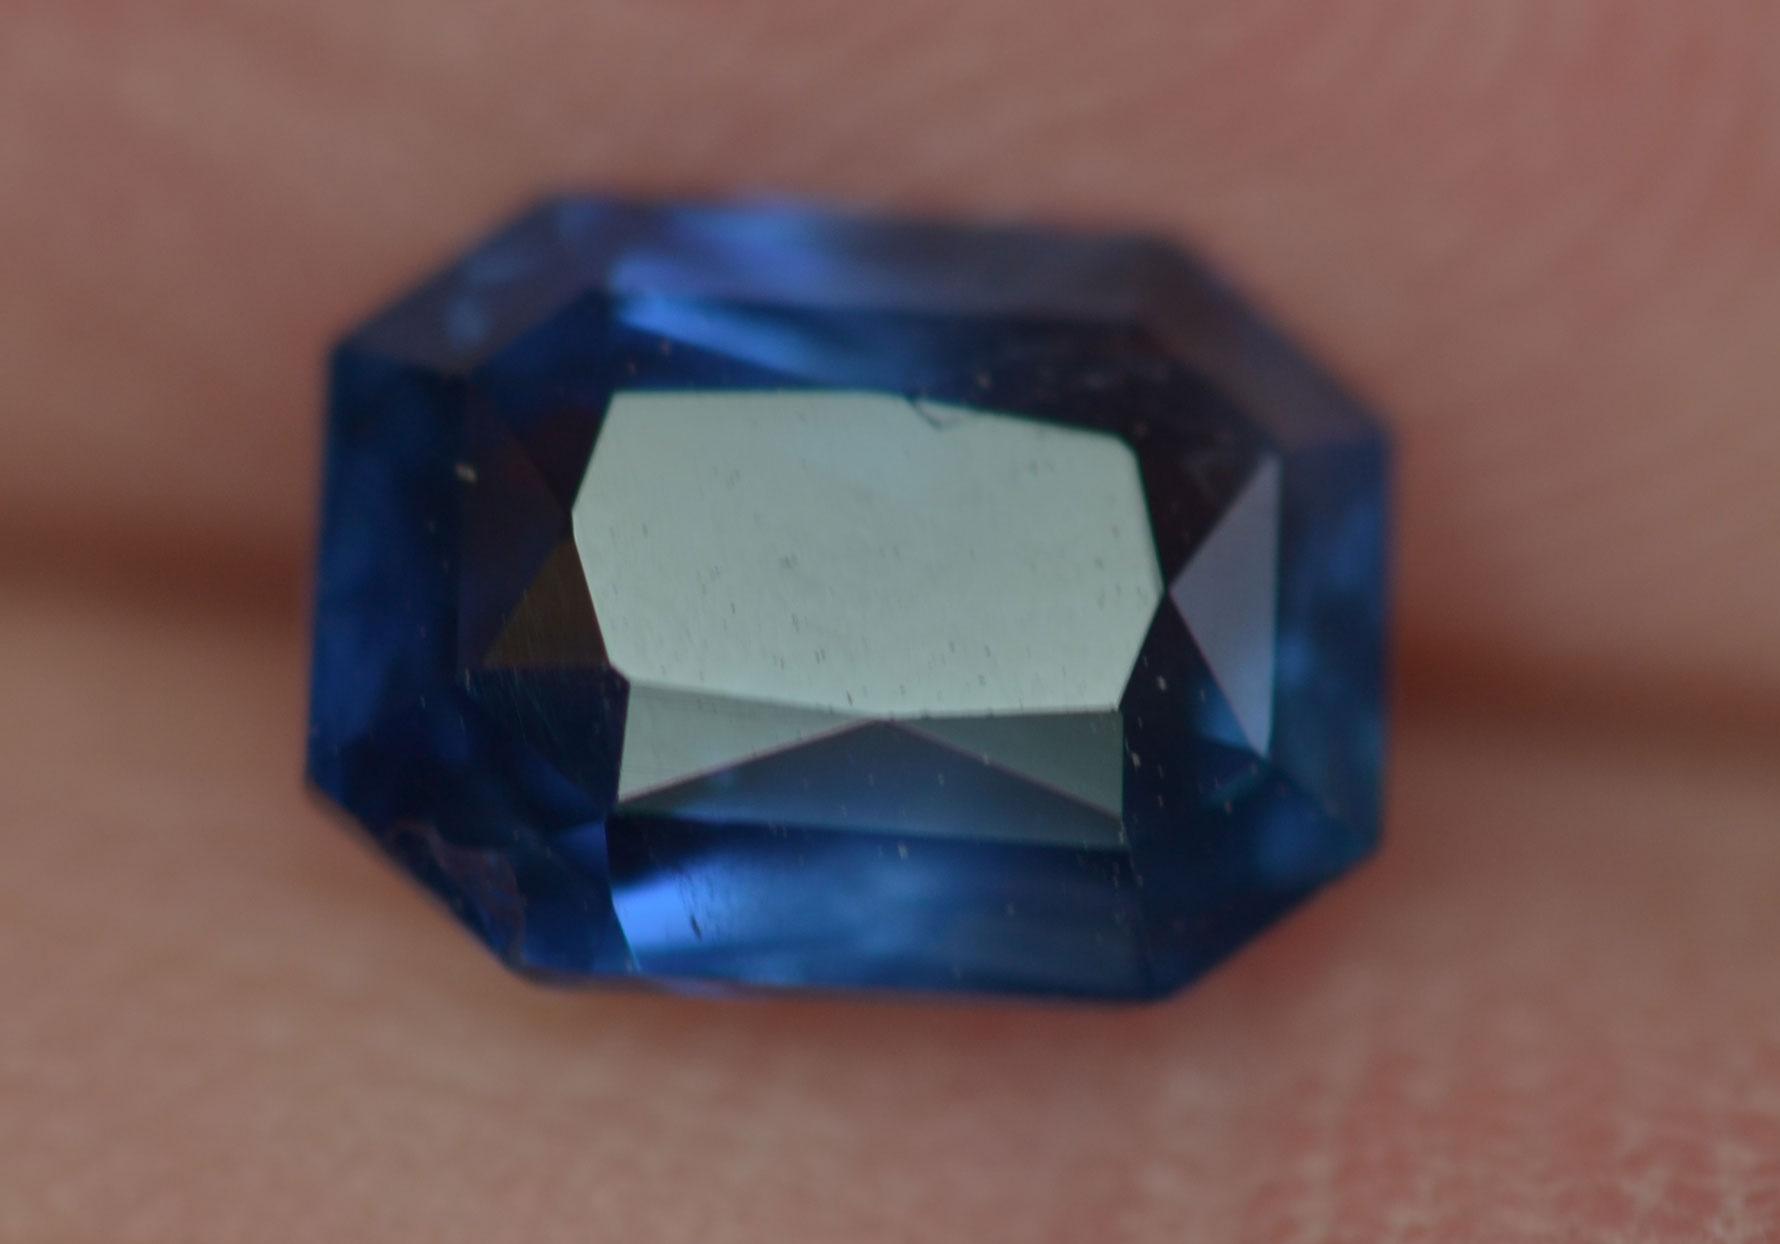 CGL Certified Unheated Blue Emerald Cut Sapphire 2.16 C8.22x6.17x4.32mm